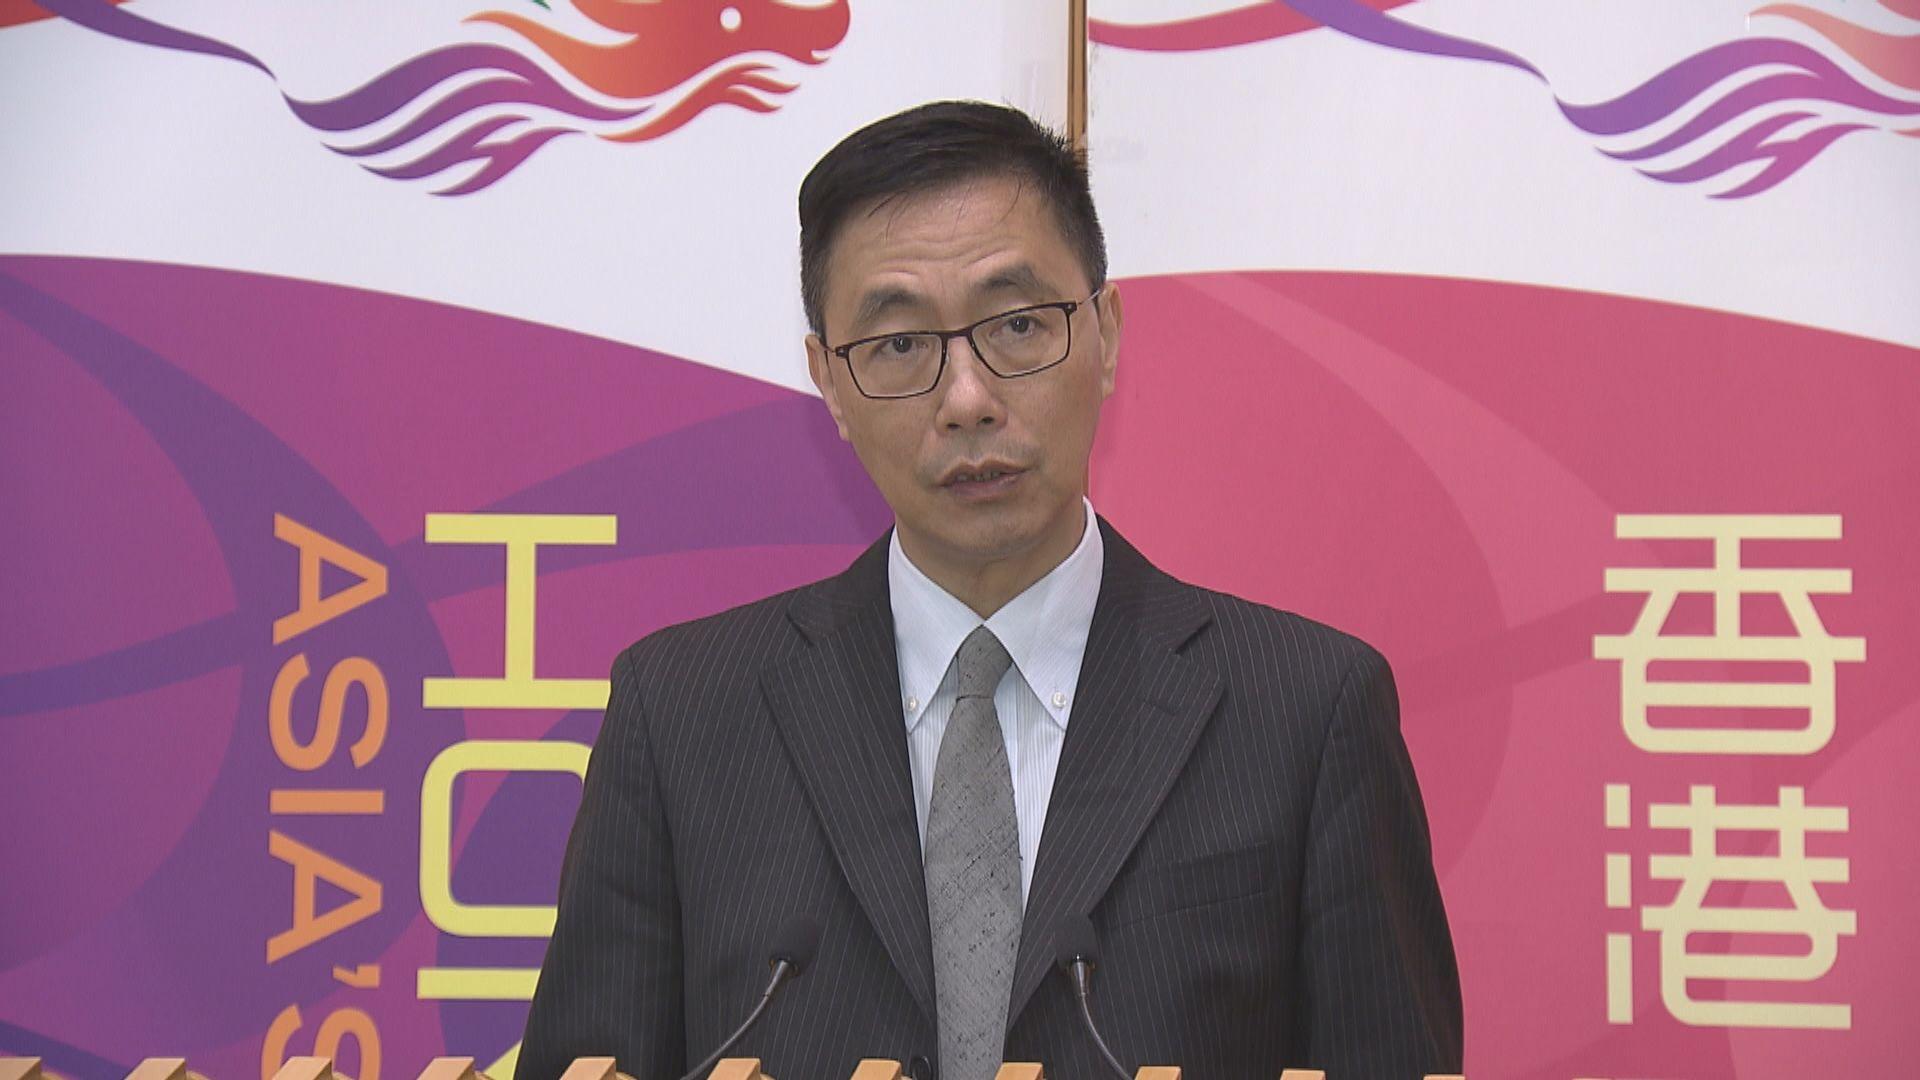 楊潤雄:升學途徑多 考生毋須過分憂心